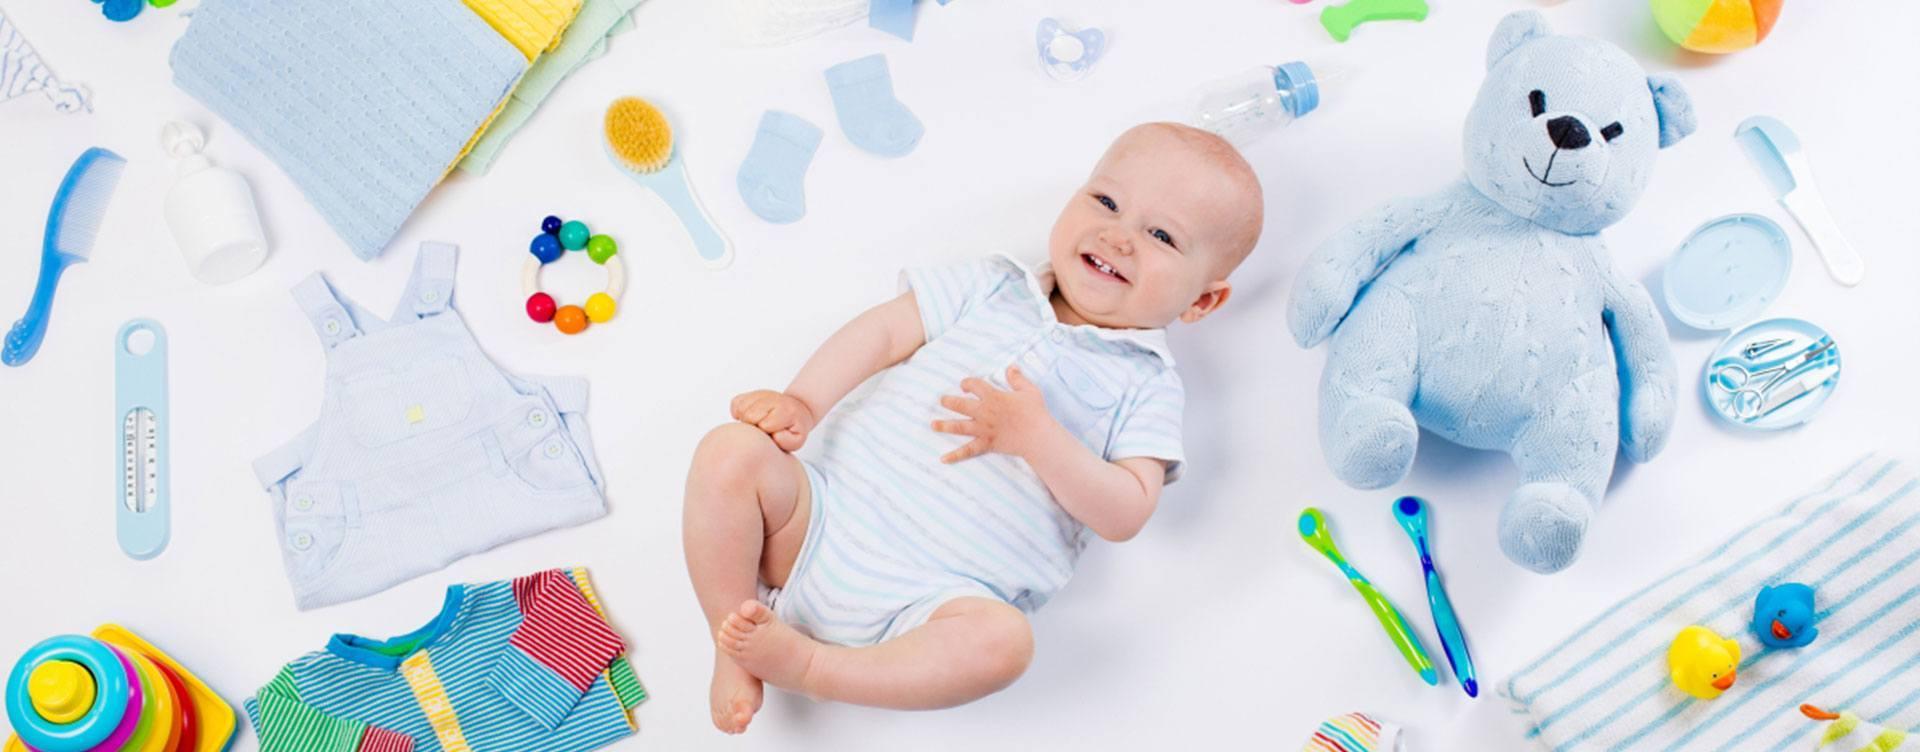 Produse pentru bebelusi